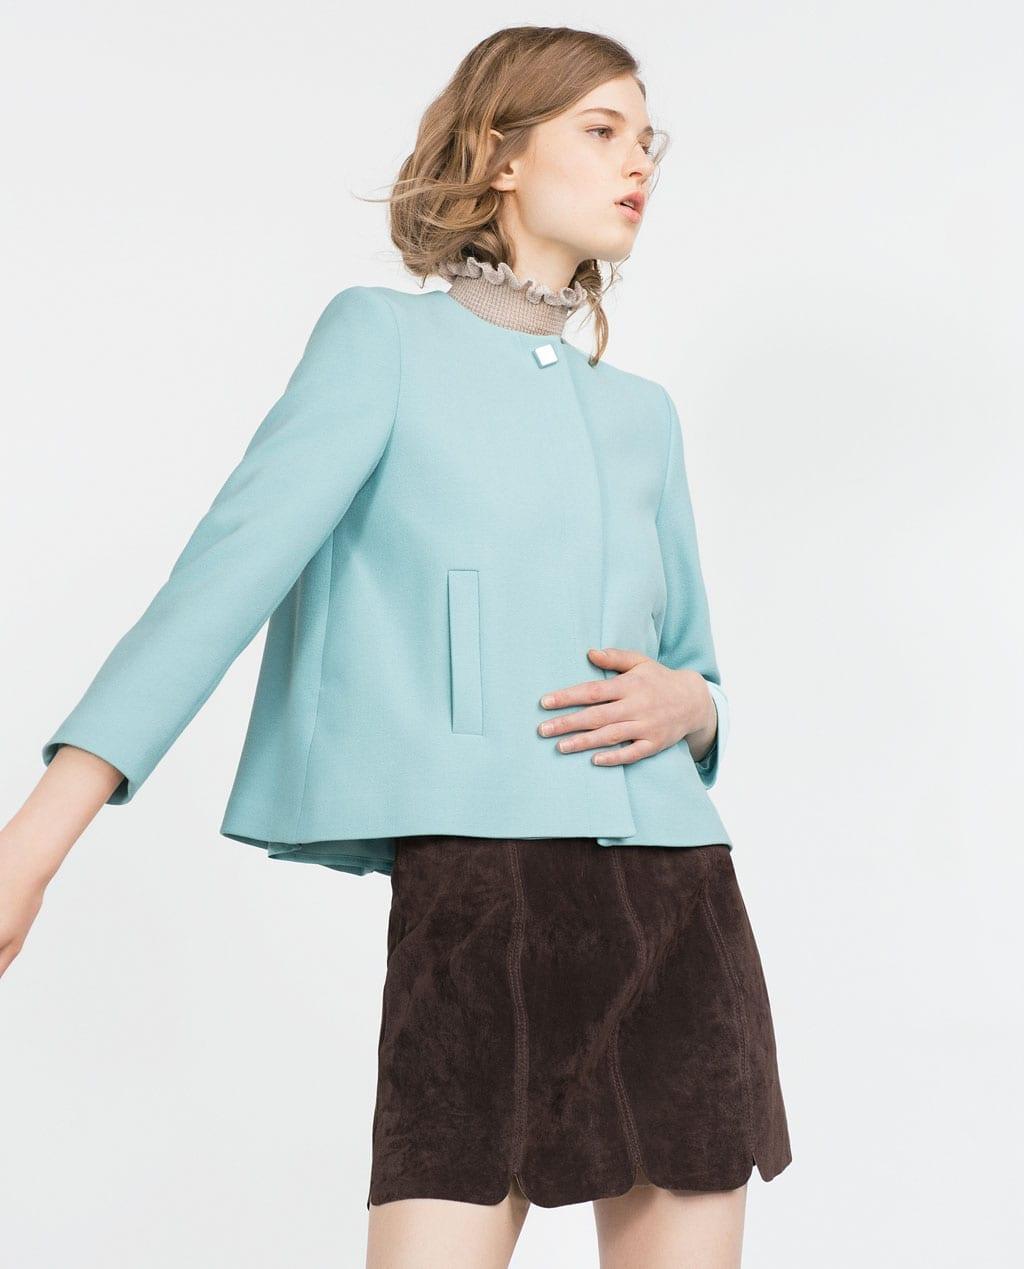 cosa mi metto domani per andare a lavoro, theladycracy.it, giacca pastello azzurra zara fall 2015, fashion blogger italia